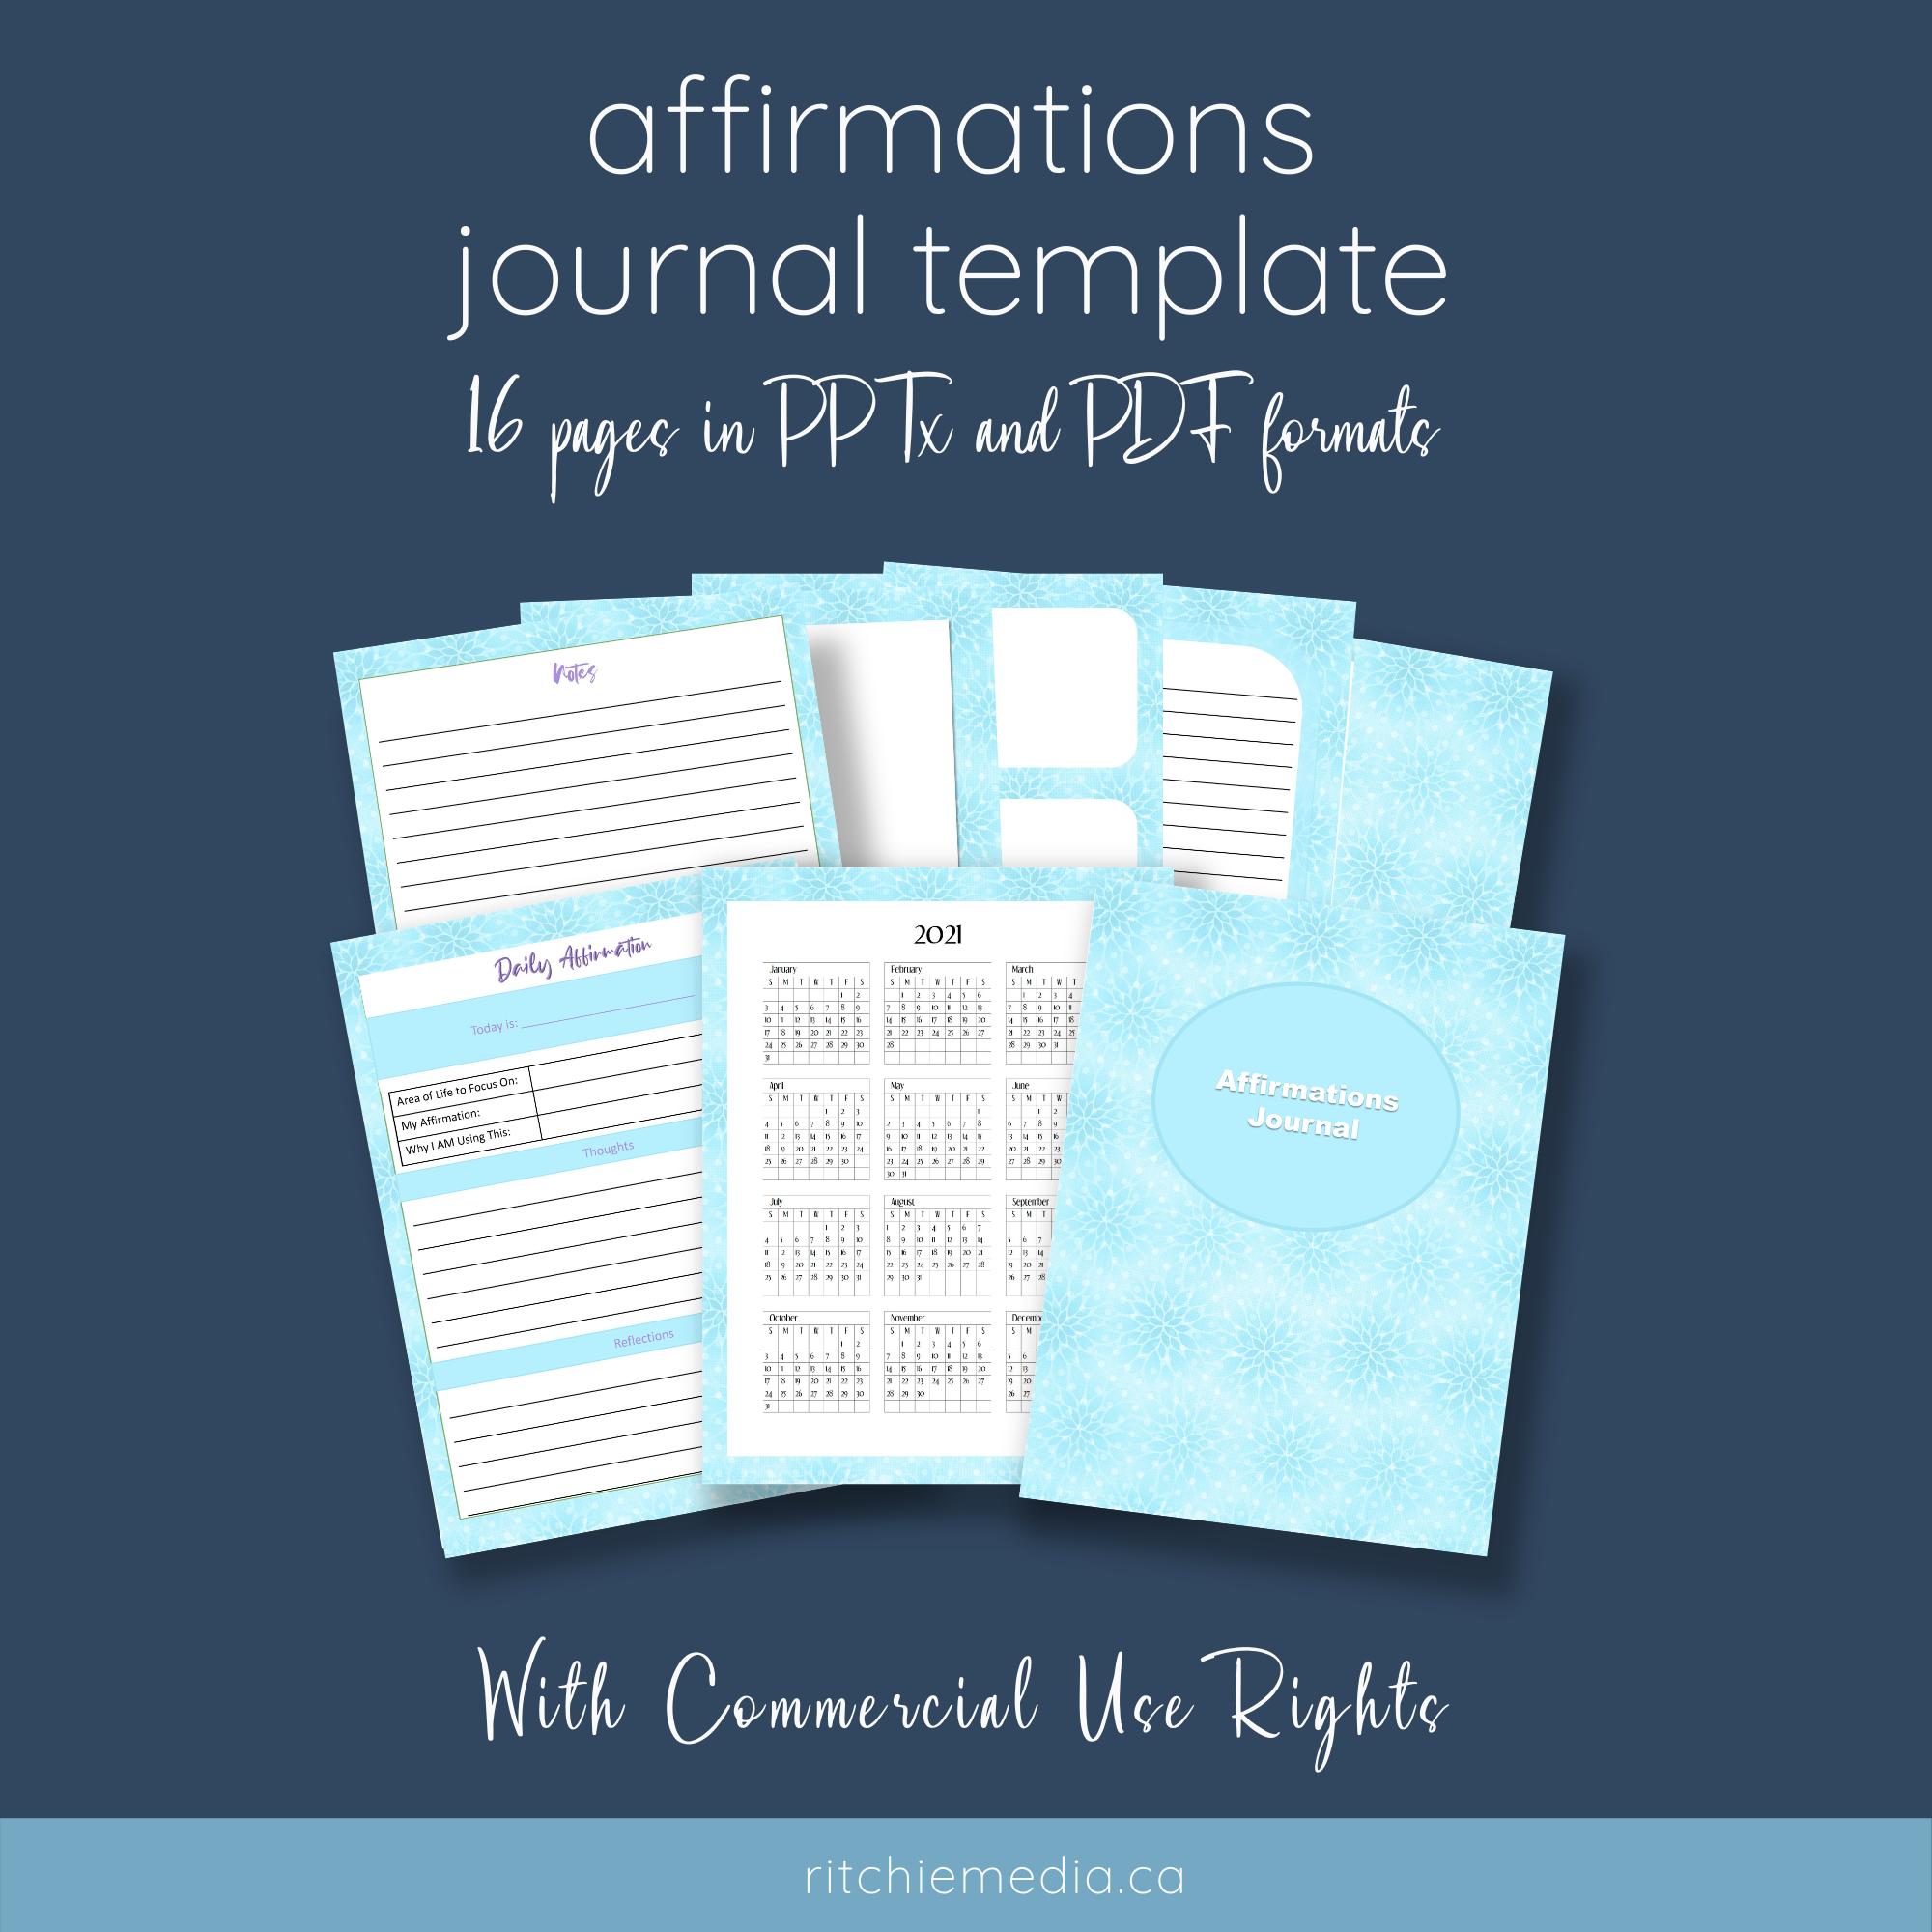 Affirmations Journal Mockup